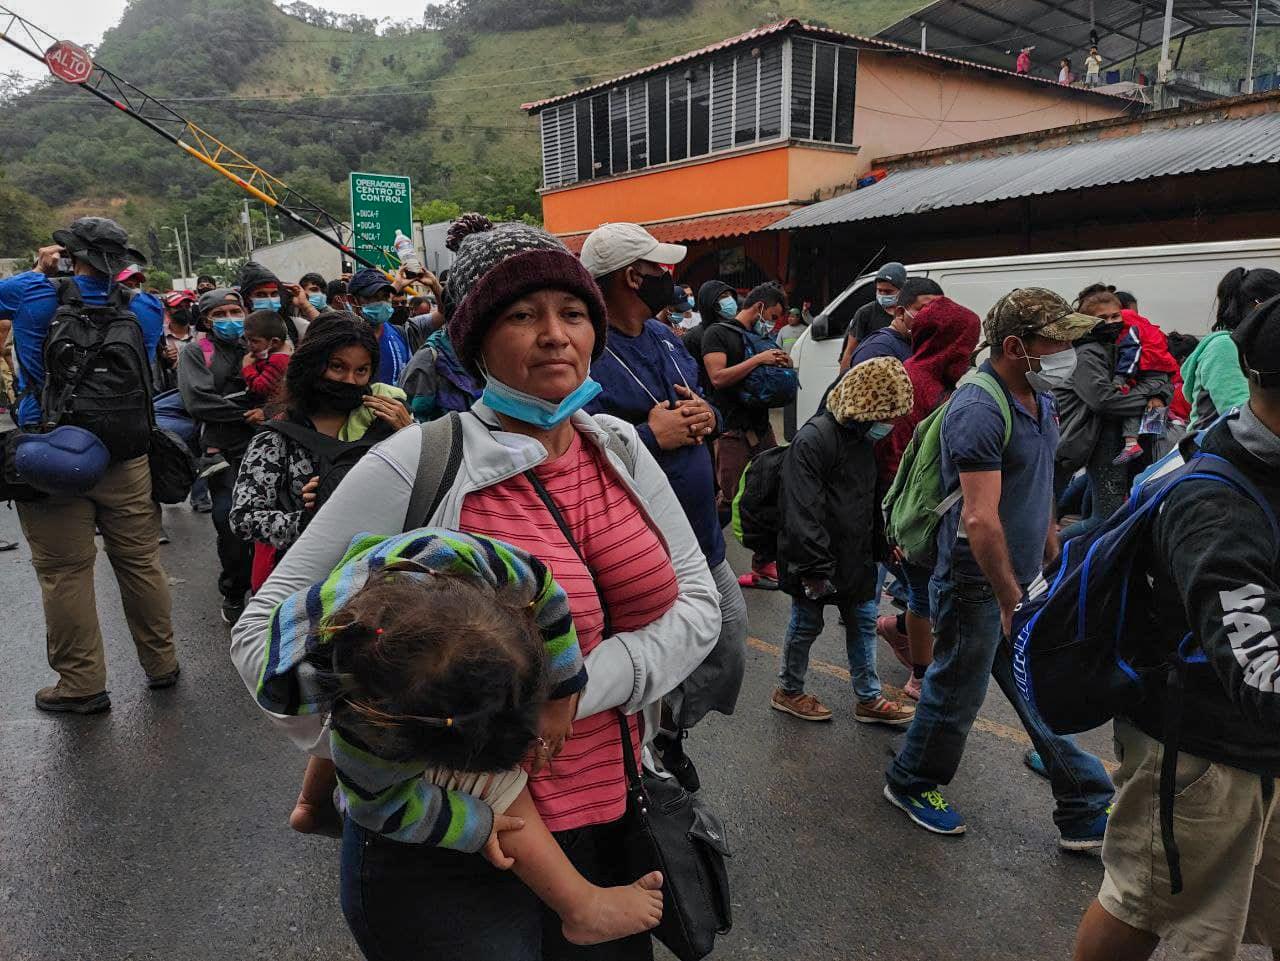 Una madre hondureña cruza la frontera entre Honduras y Guatemala cargando a su pequeña en brazos. Los migrantes rompieron un cerco formado por elementos de la Policía Militar. El Florido, frontera de Honduras y Guatemala, 16 de enero de 2021. Foto: Deiby Yánes.